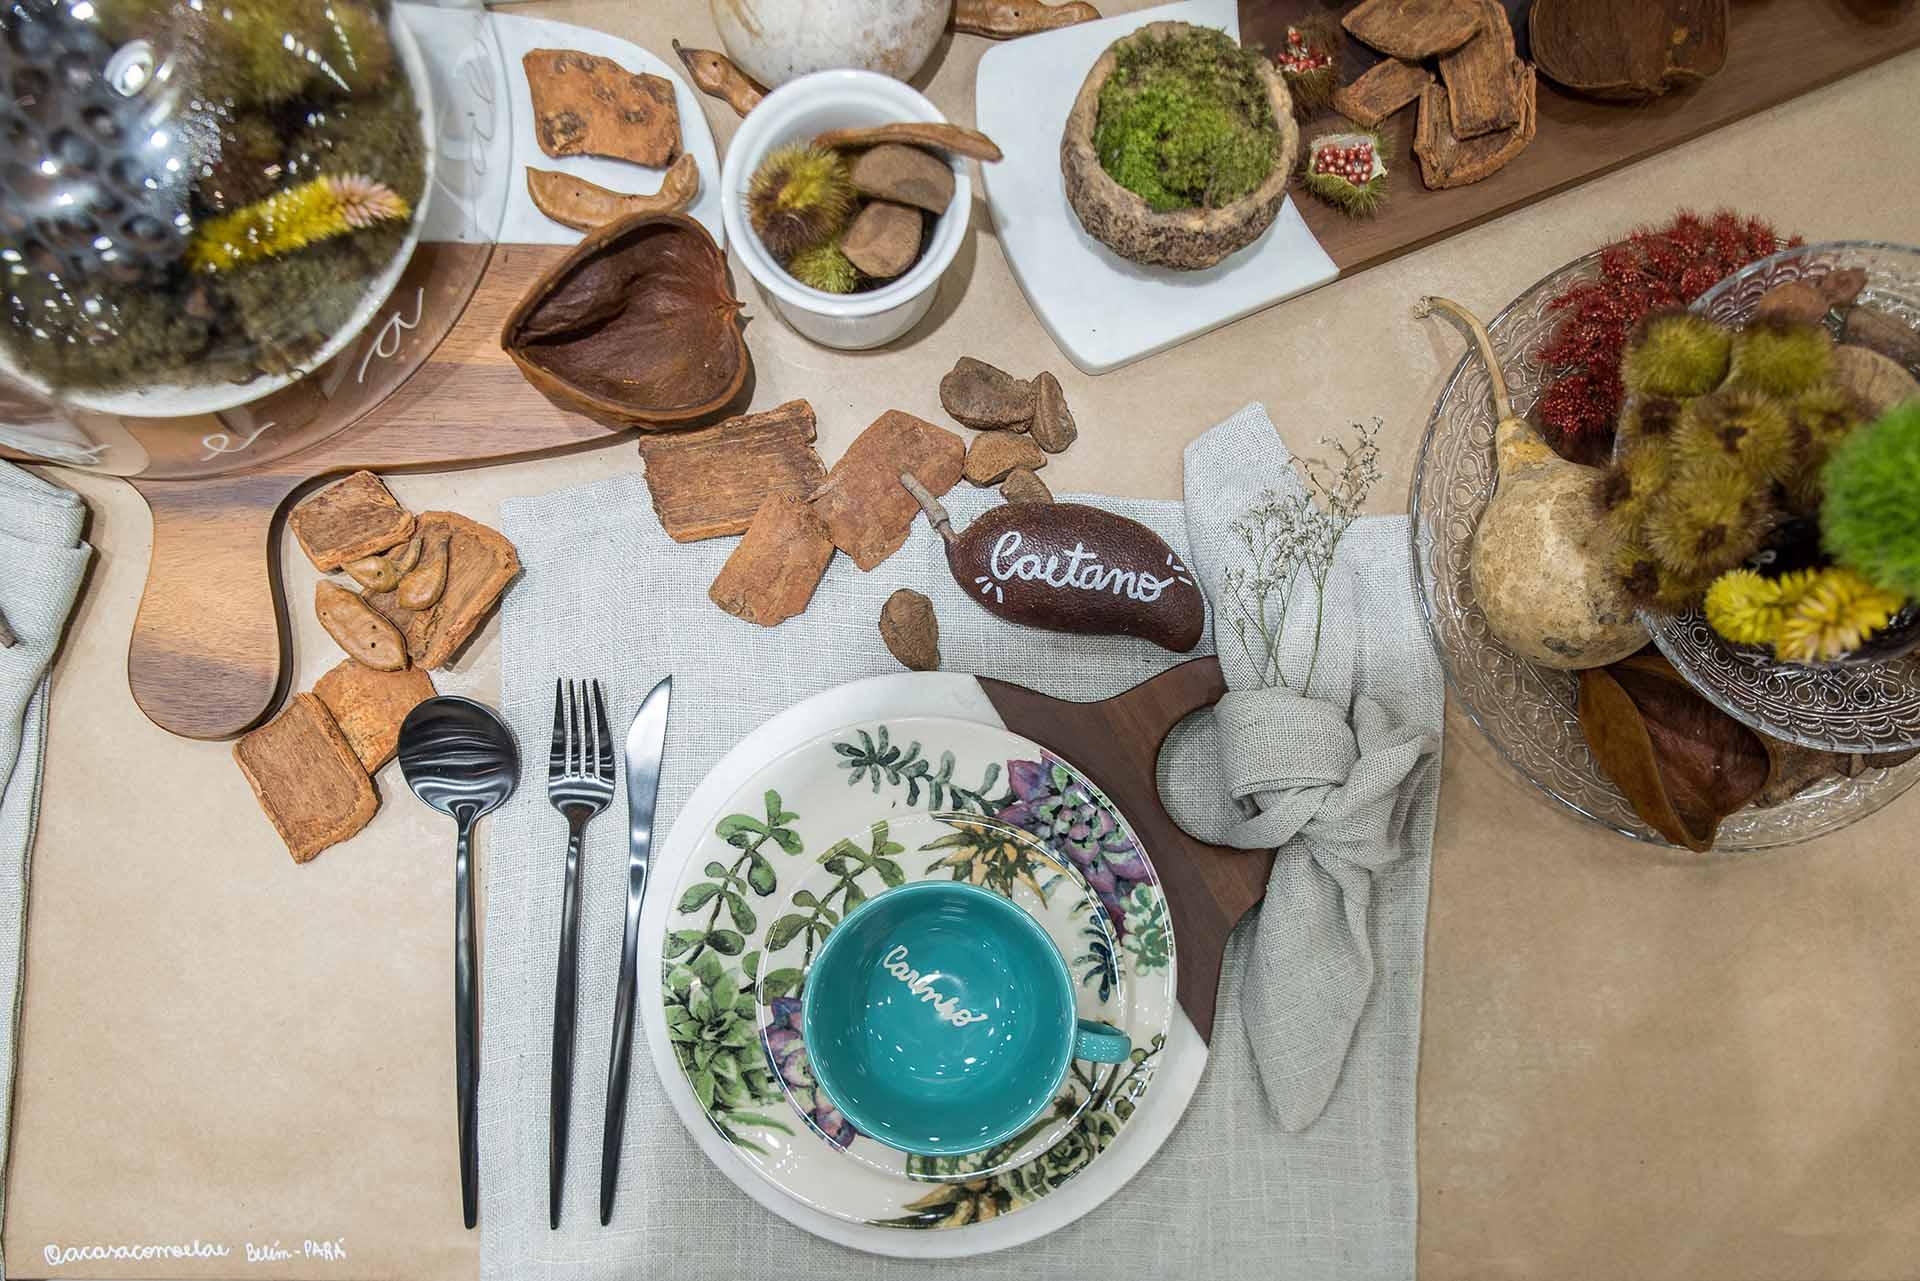 Texto: A semente de jatobá com a escrita do nome marca o lugar. Já as tábuas de madeira e mármore são dispostas em forma de caminho sobre a mesa. Foto: Henrique Peron.